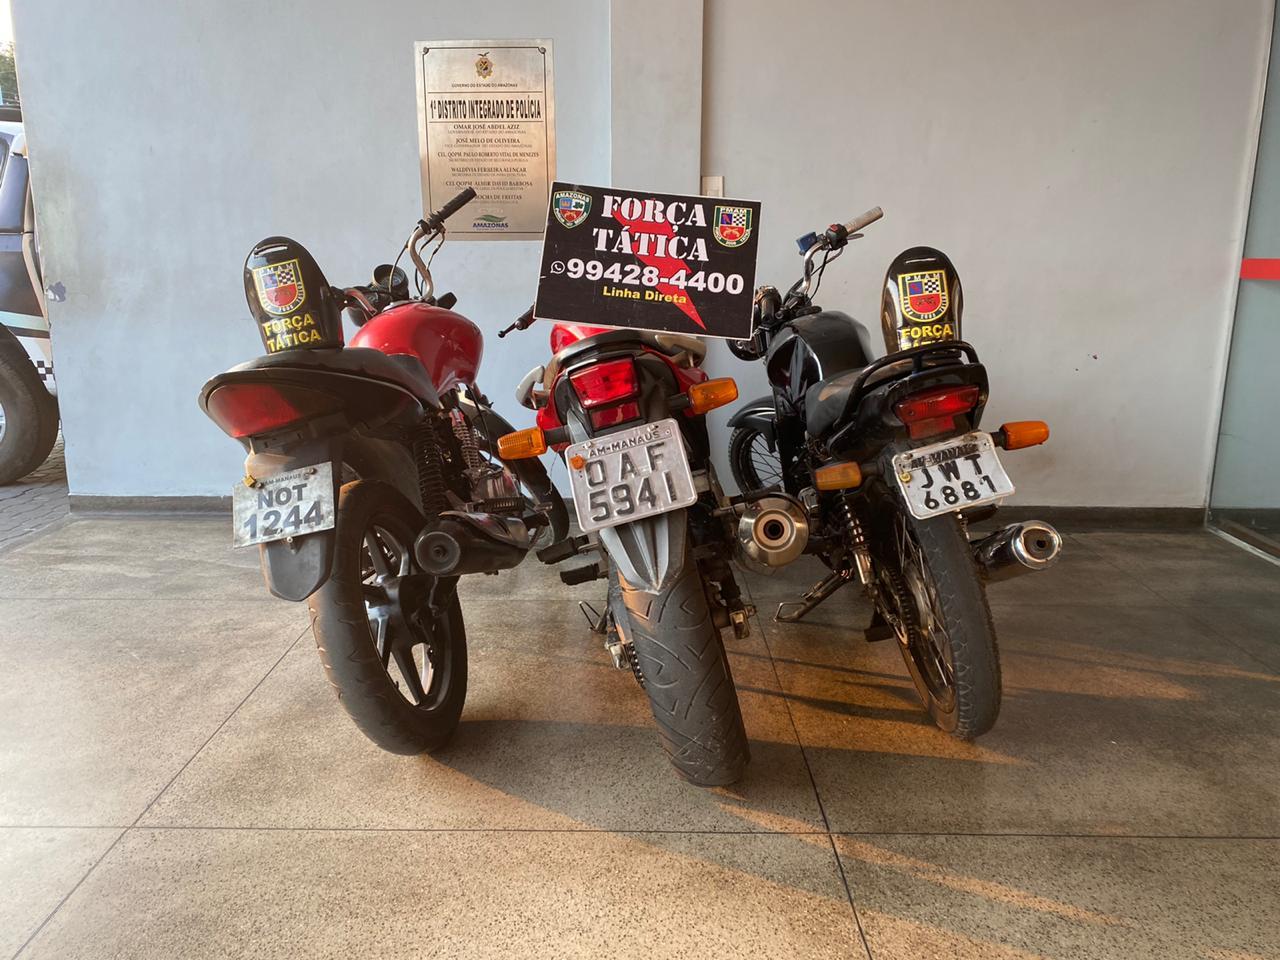 Força Tática detém três homens tentando vender motos roubadas na Cachoeirinha